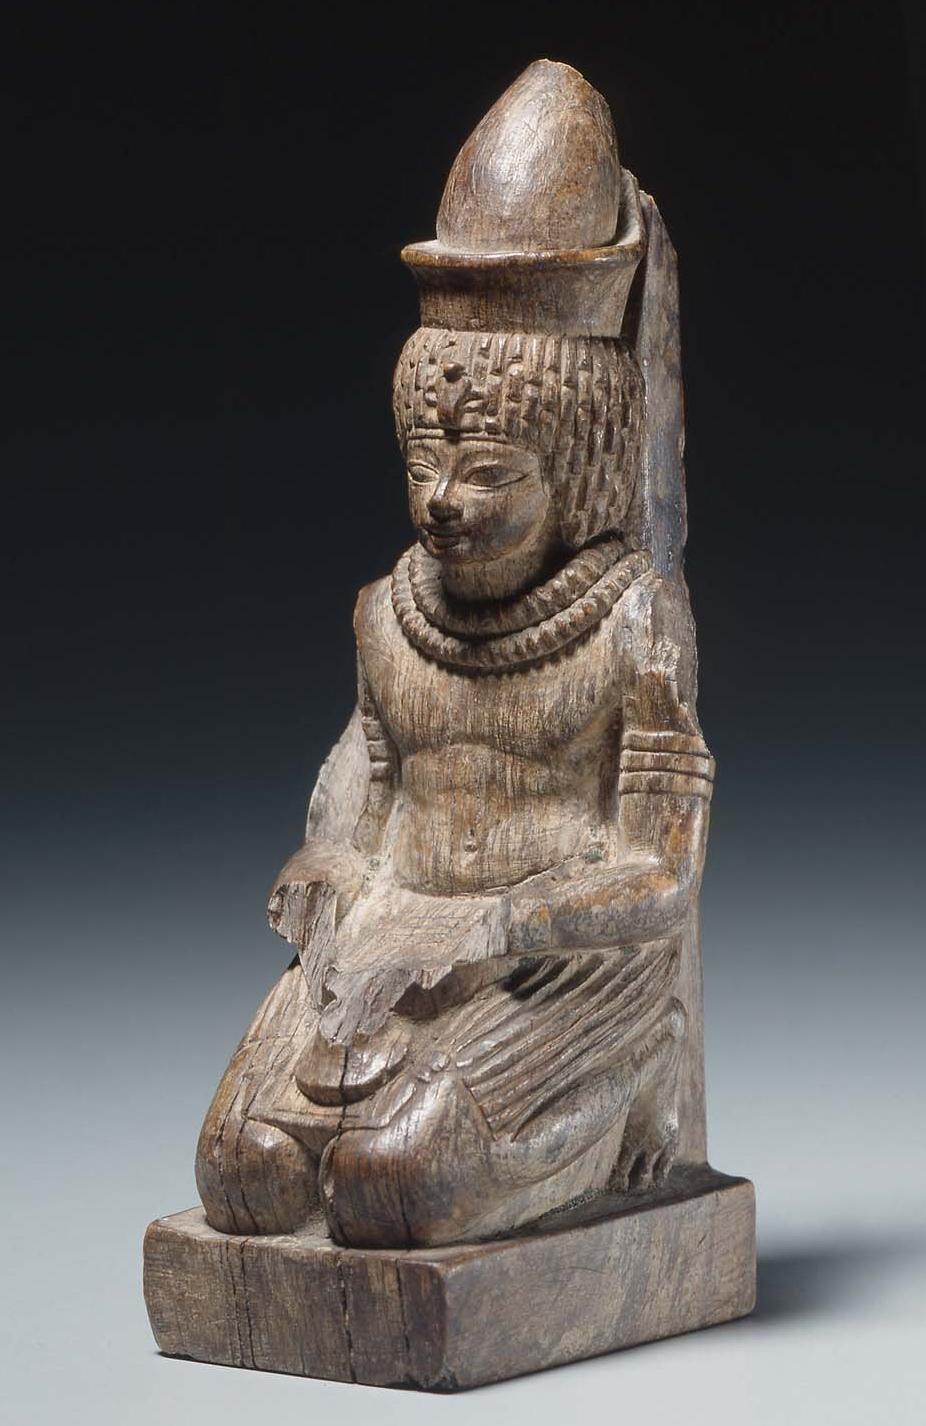 105. a3-neferhotep mfa-1970.636